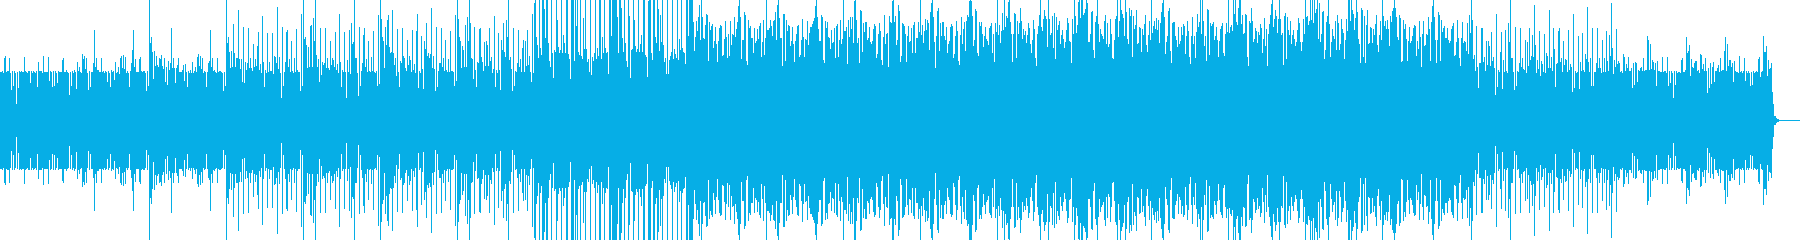 エレクトロハウス。の再生済みの波形